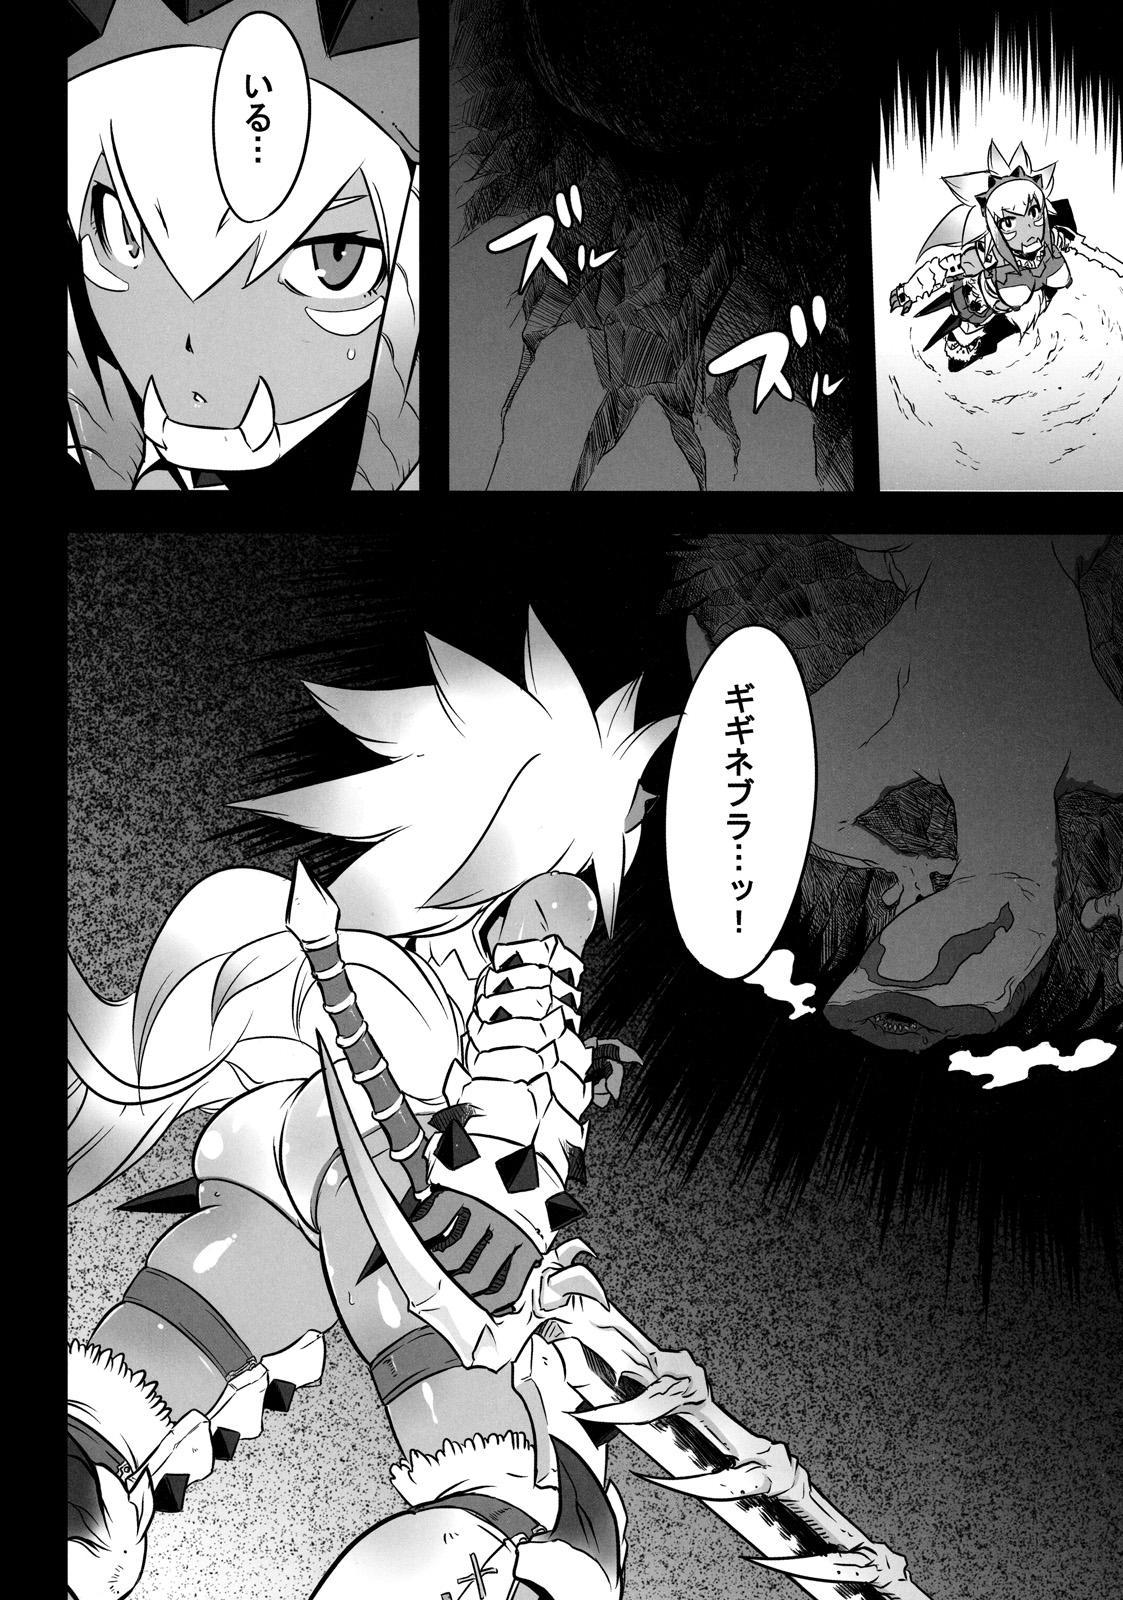 Hanshoku Nebura 11